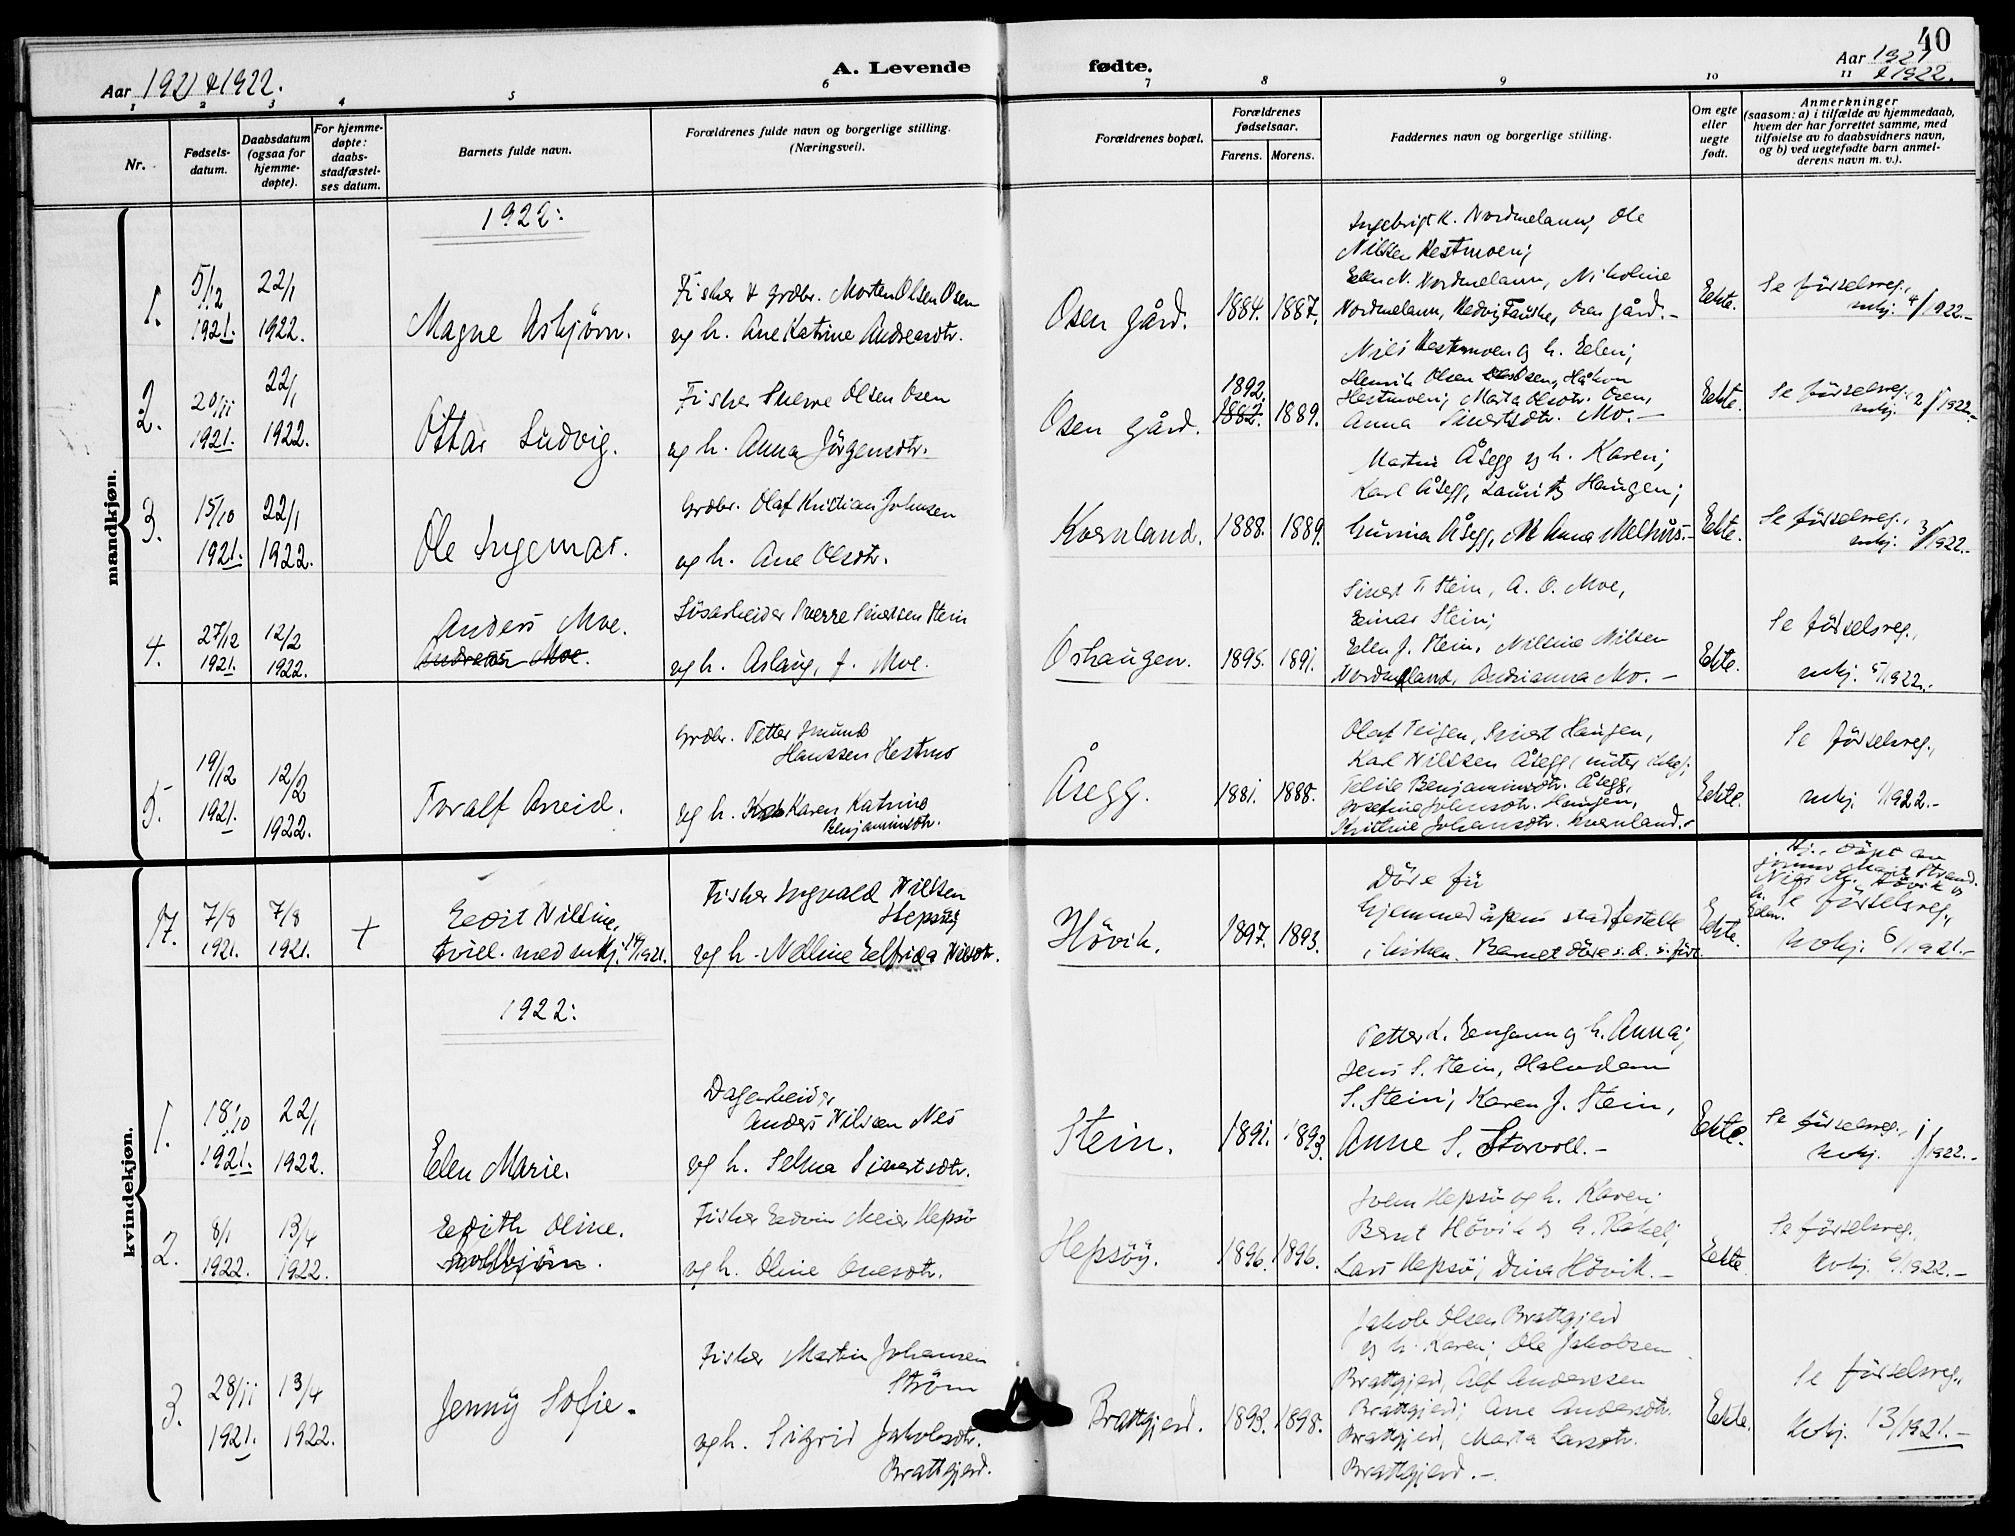 SAT, Ministerialprotokoller, klokkerbøker og fødselsregistre - Sør-Trøndelag, 658/L0724: Ministerialbok nr. 658A03, 1912-1924, s. 40